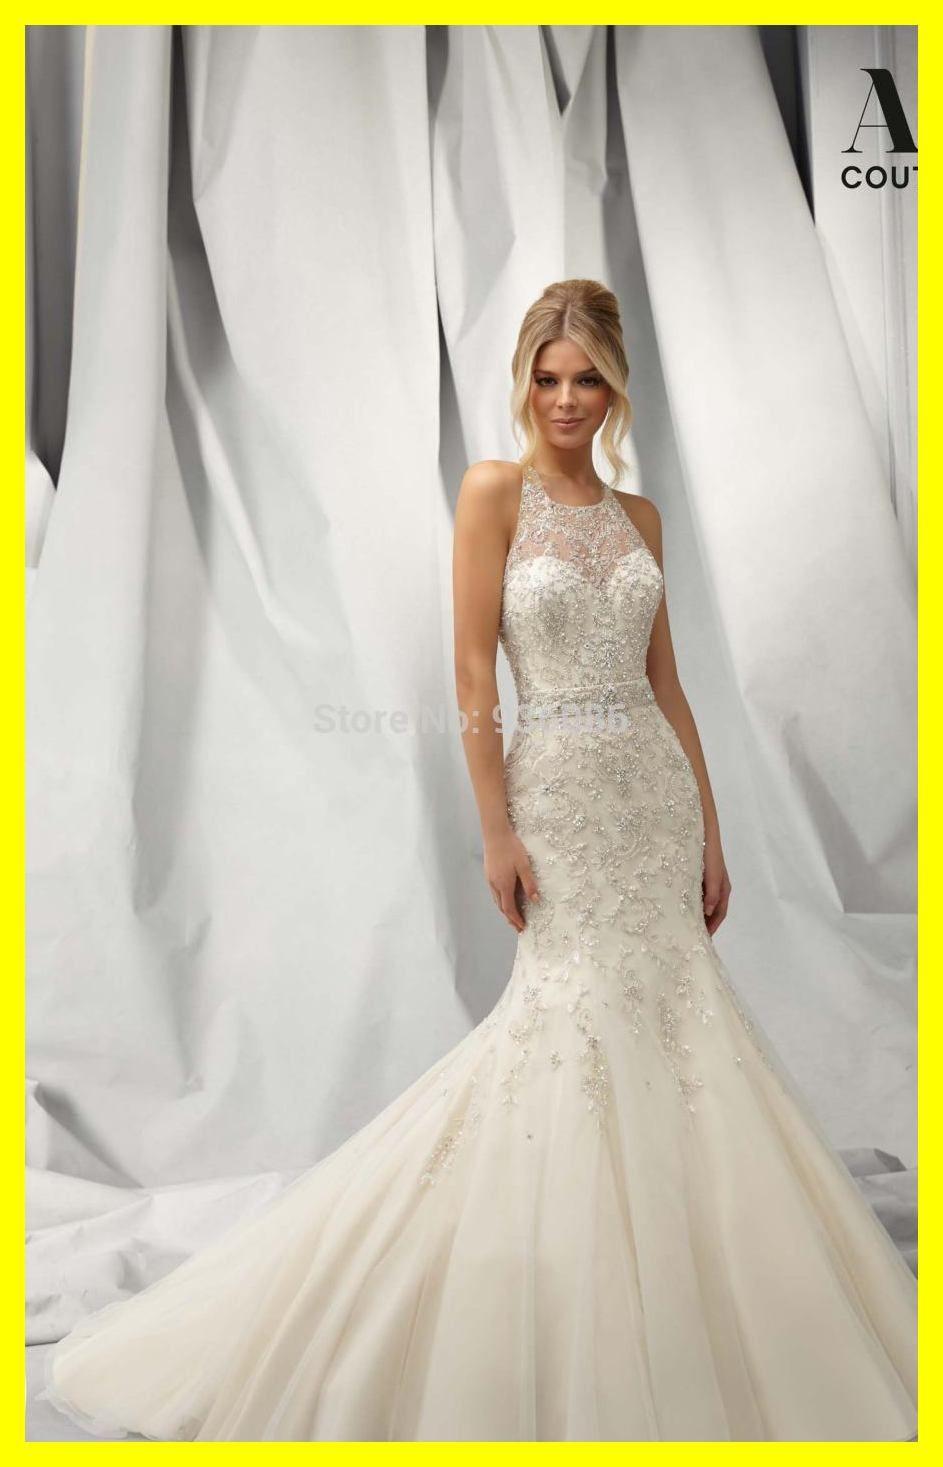 Short Plus Size Wedding Dresses Petite Brides Evening Guest Uk ...